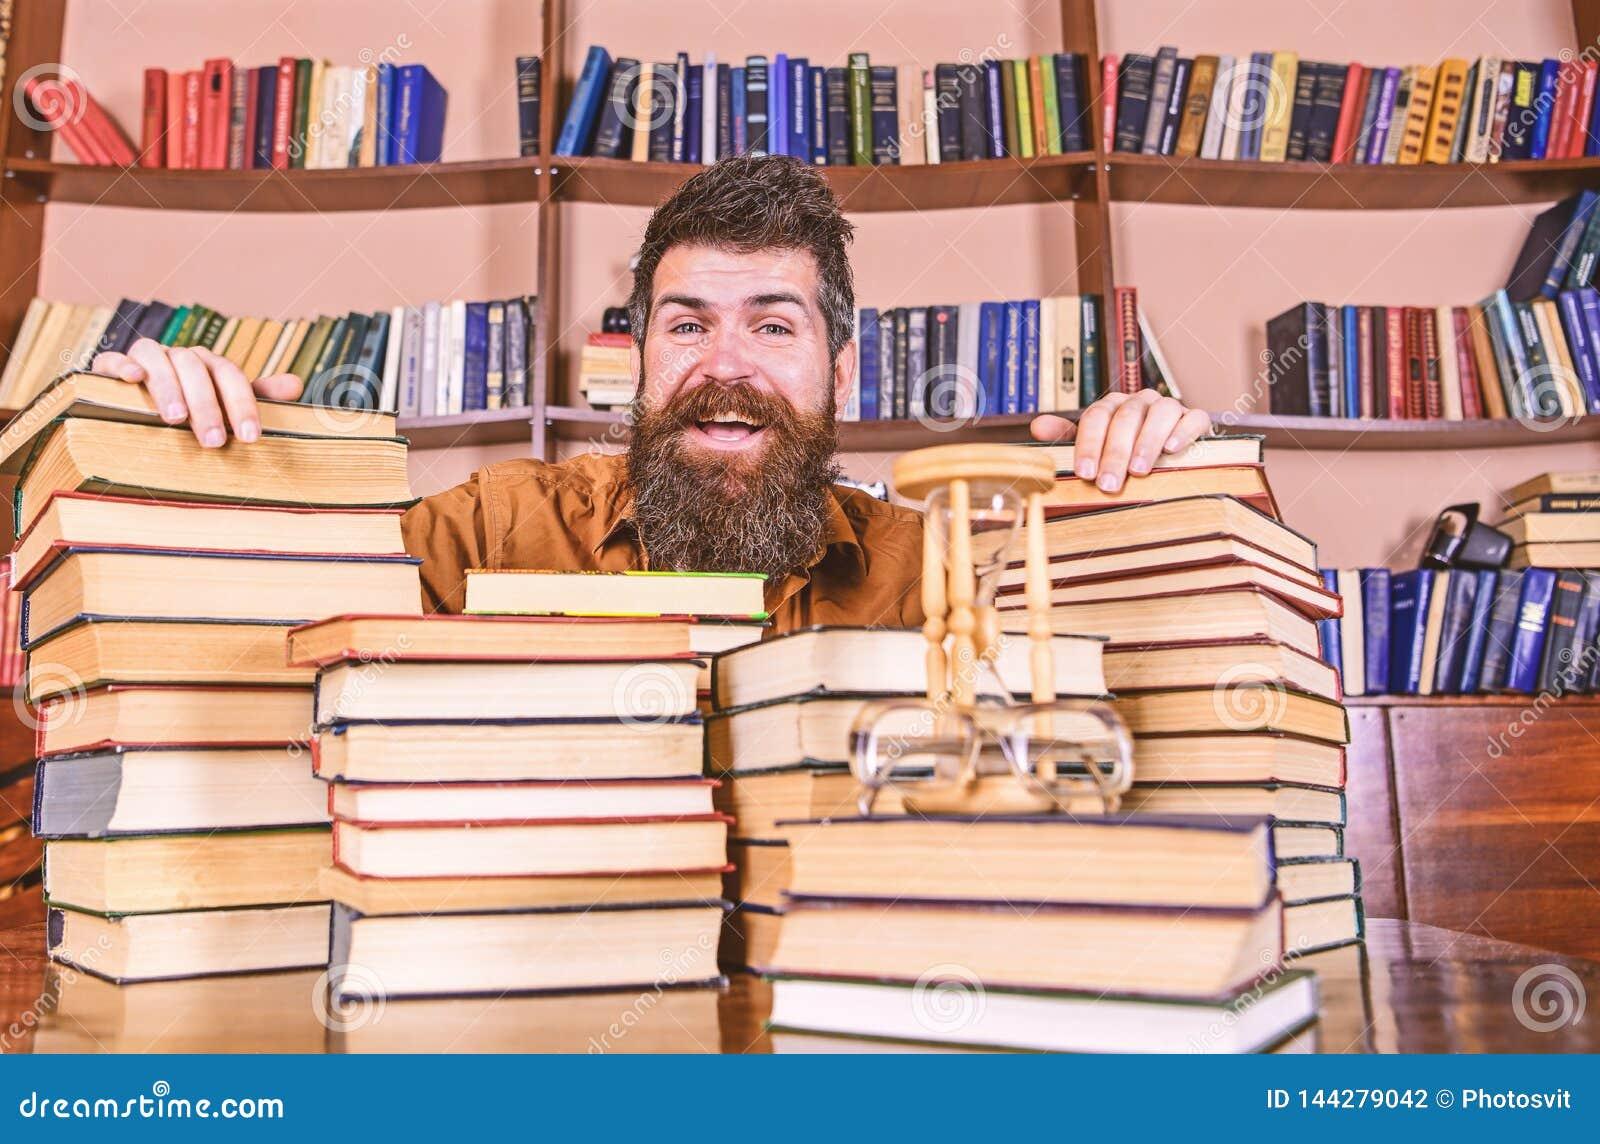 Mens op gelukkig gezicht tussen stapels van boeken, terwijl het bestuderen in bibliotheek, boekenrekken op achtergrond Leraar of